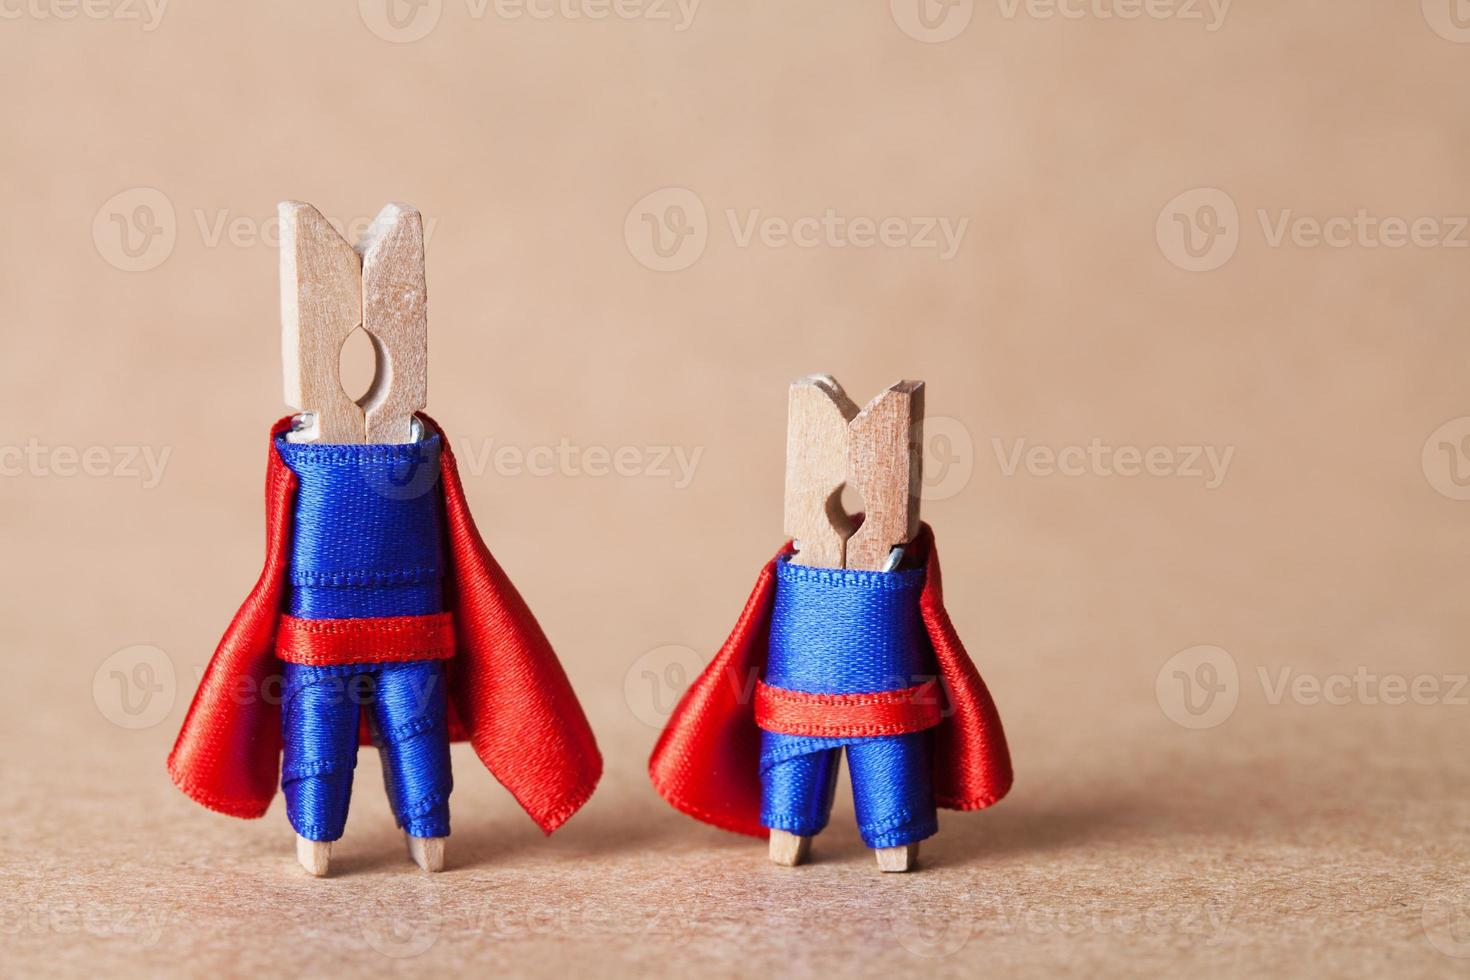 pinces à linge. super-héros en costume bleu et cape rouge. photo